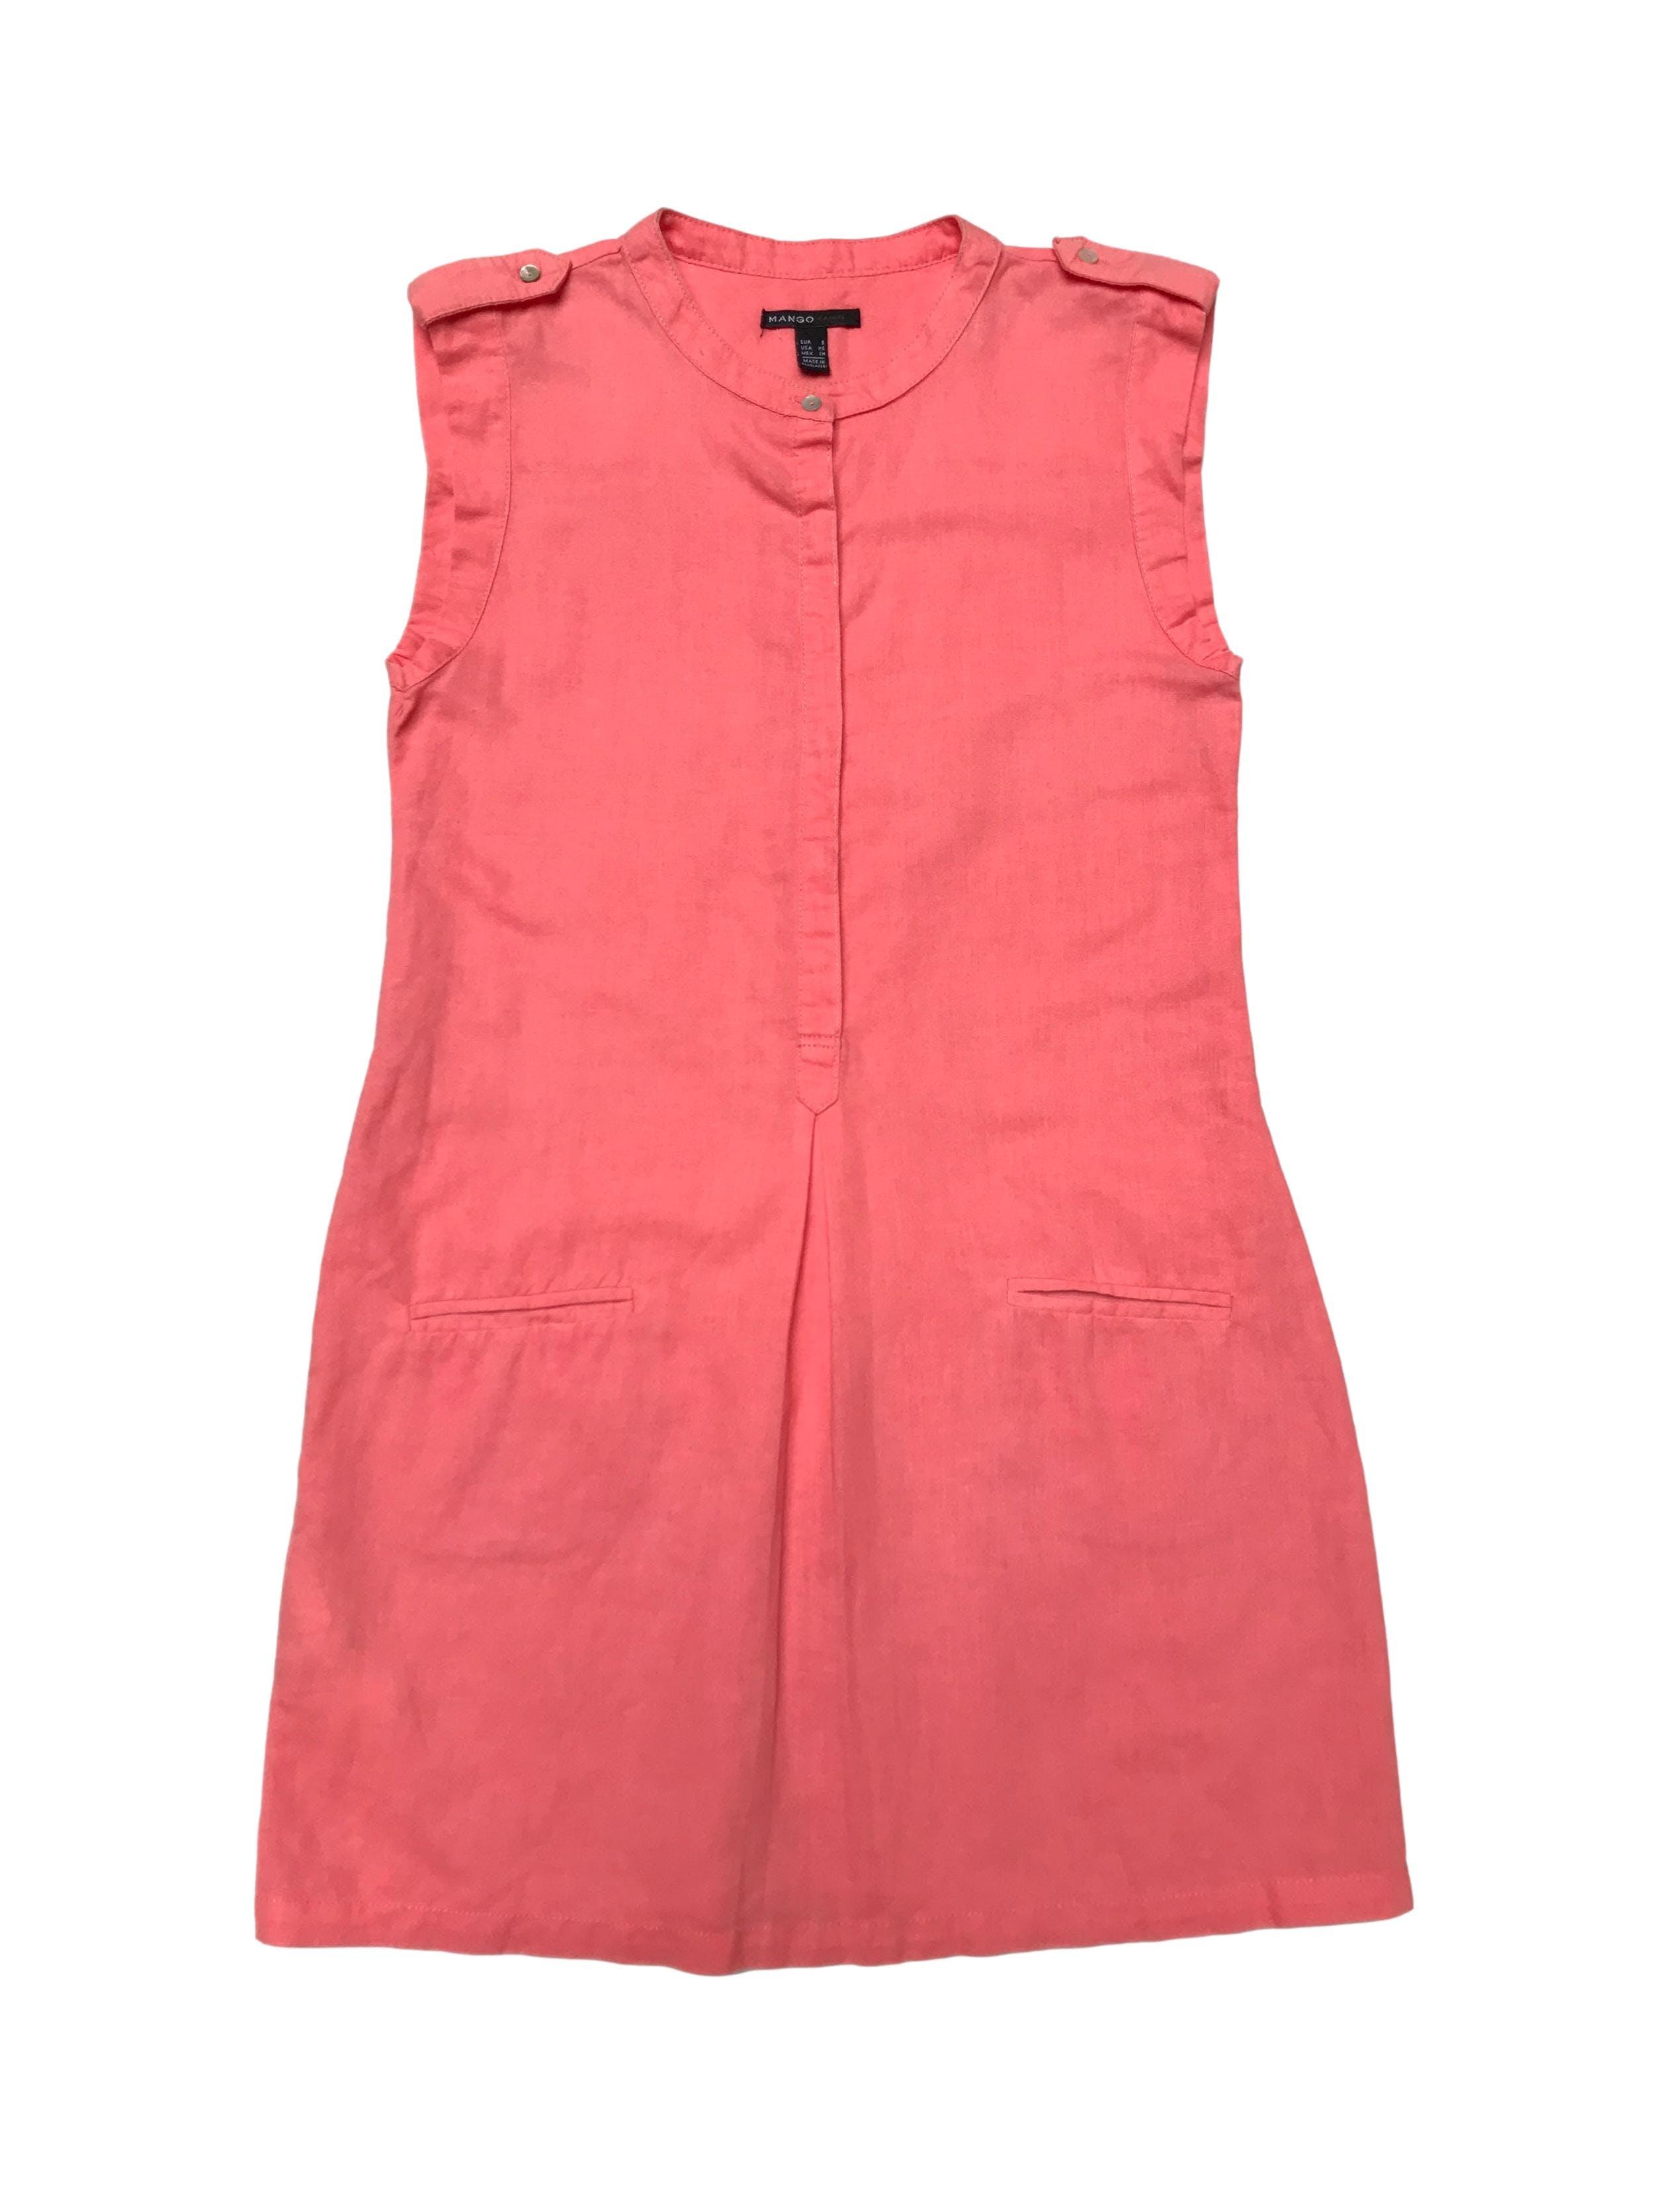 Vestido Mango 100% lino coral, botones hasta la cintura y bolsillos en la falda. Largo 85cm